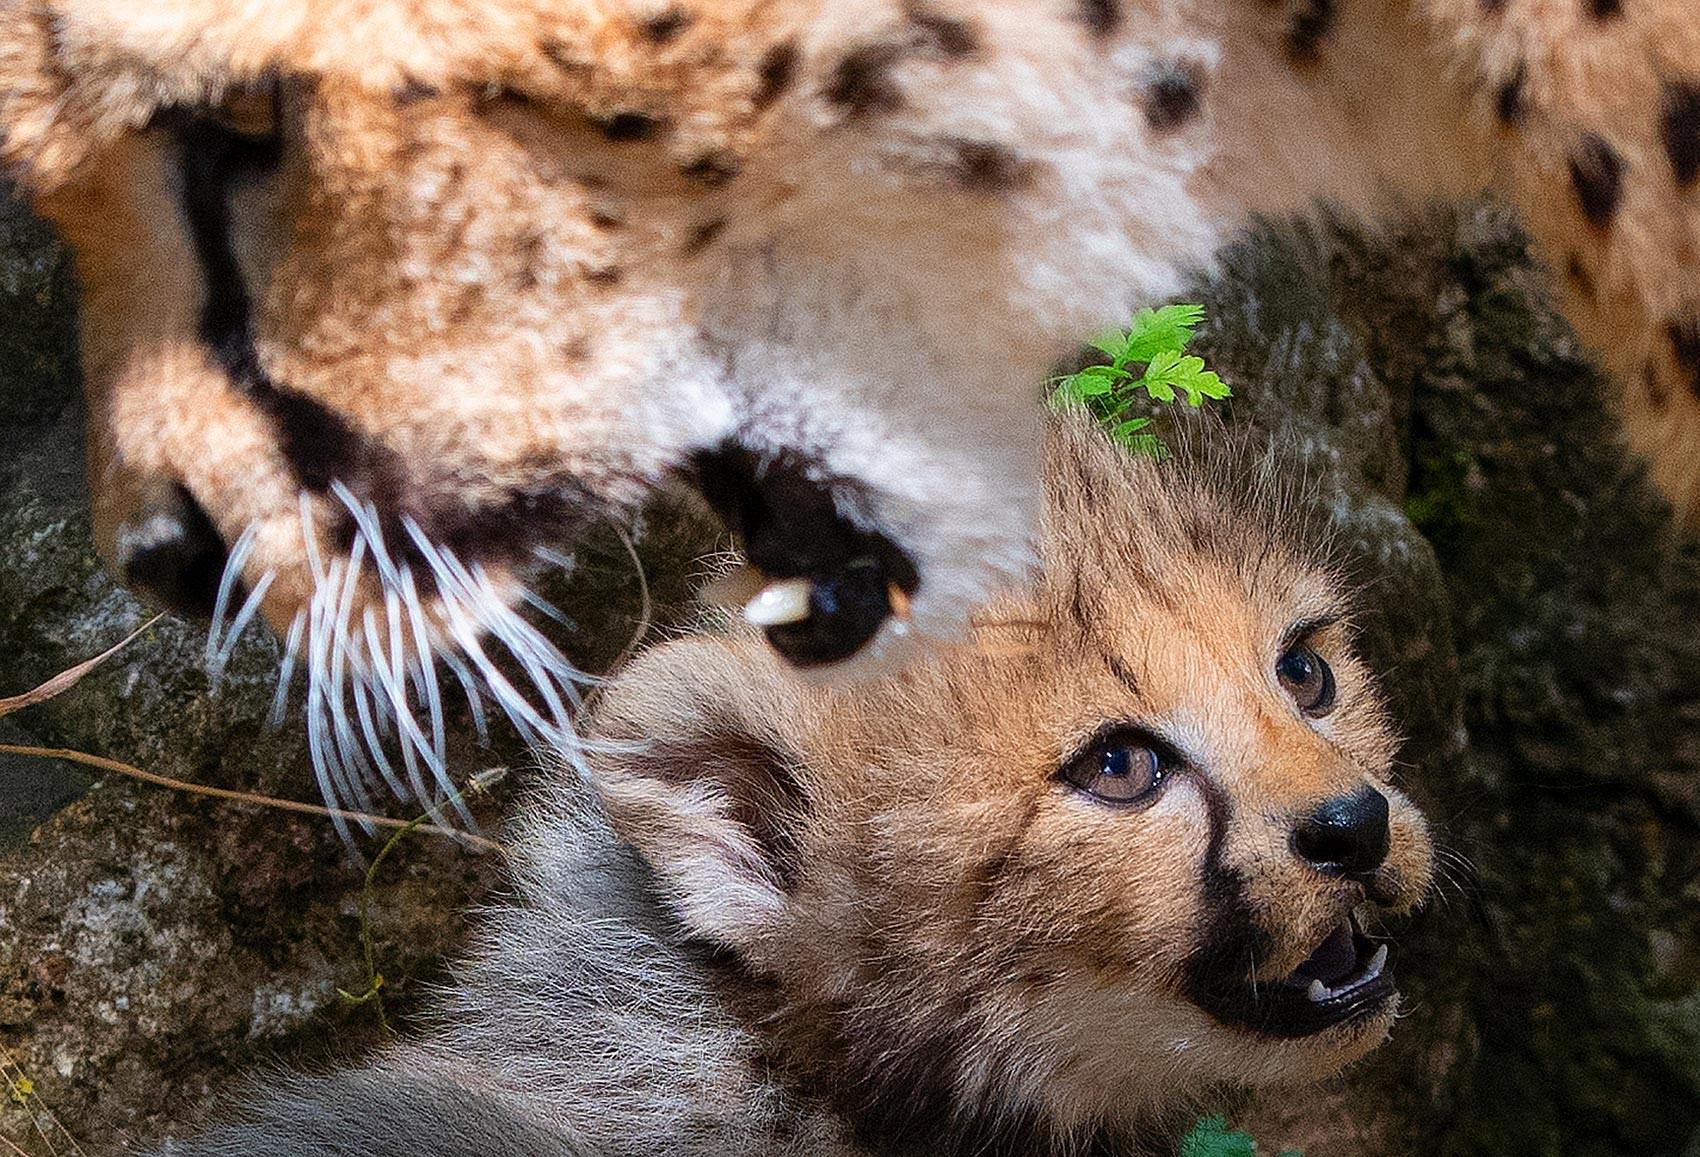 Zoo apresenta filhotes de guepardo na Alemanha